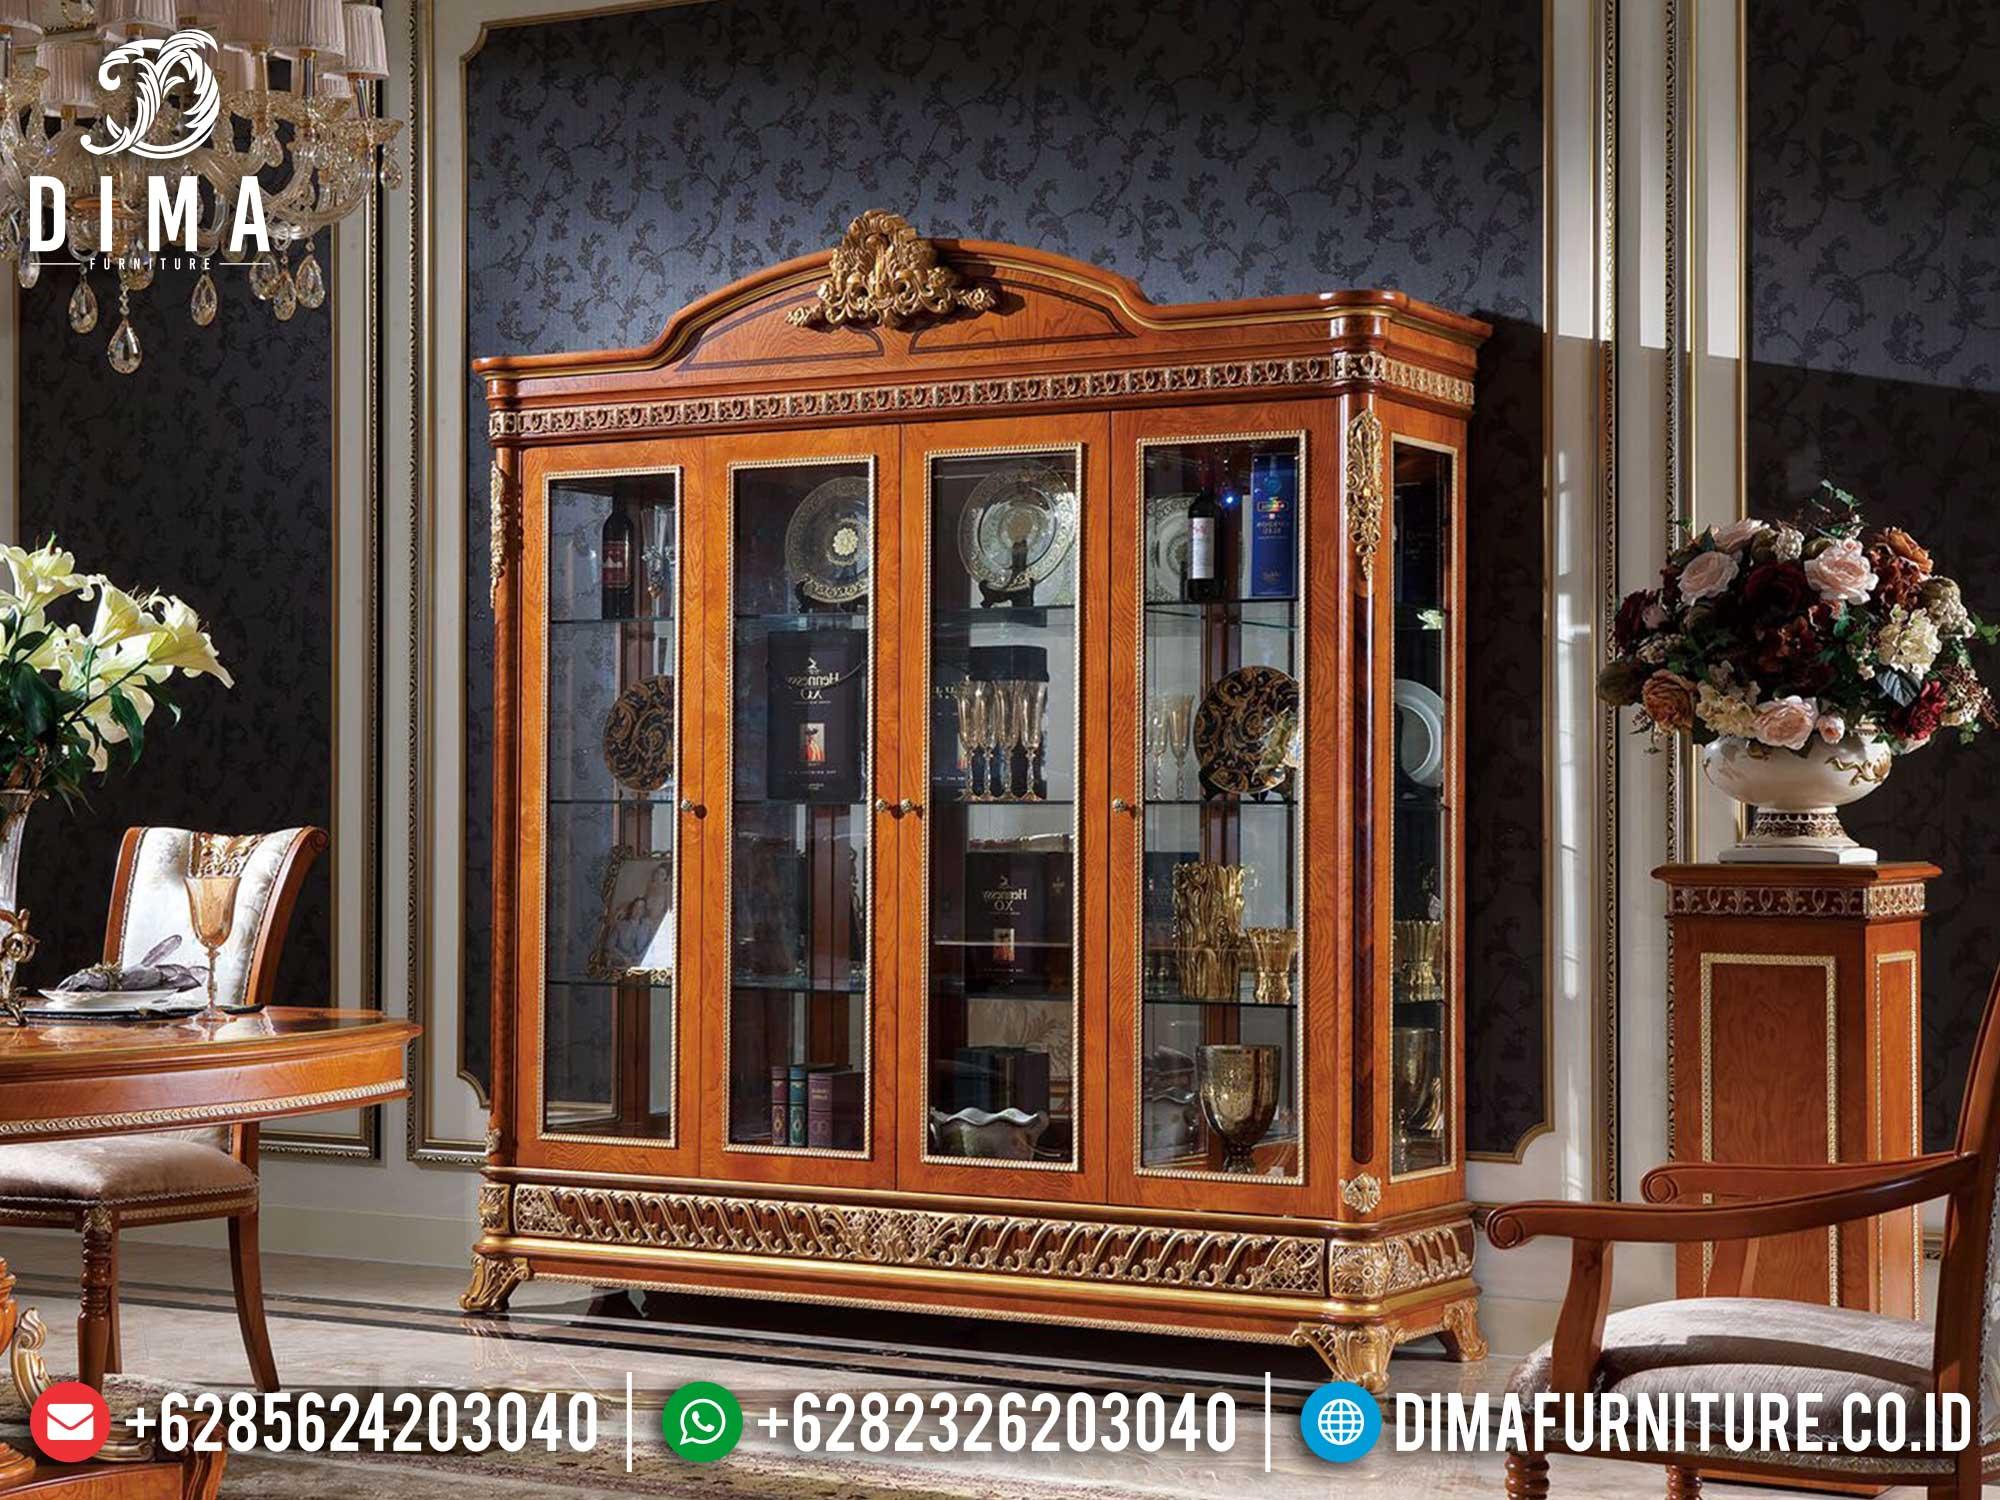 Lemari Hias Jati Mewah Natural Luxury Furniture Jepara Terbaru TTJ-1675